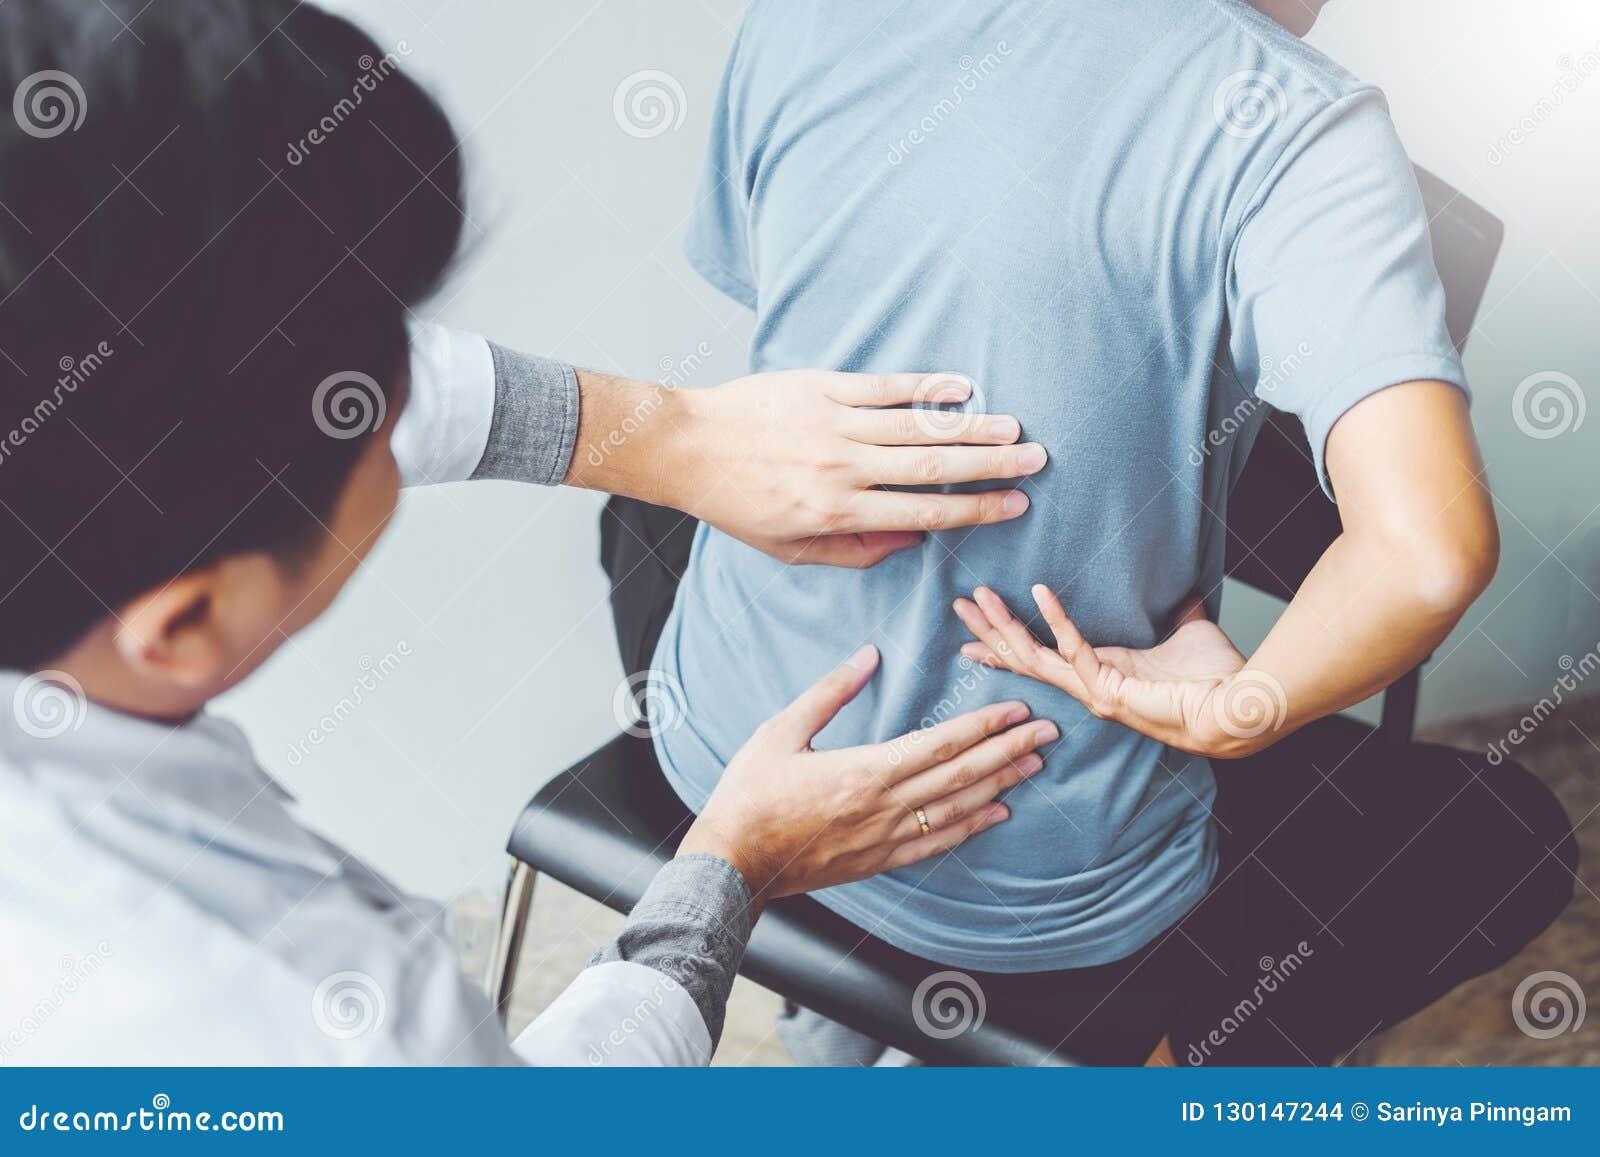 Cuide la consulta con la terapia física paciente co de los problemas traseros